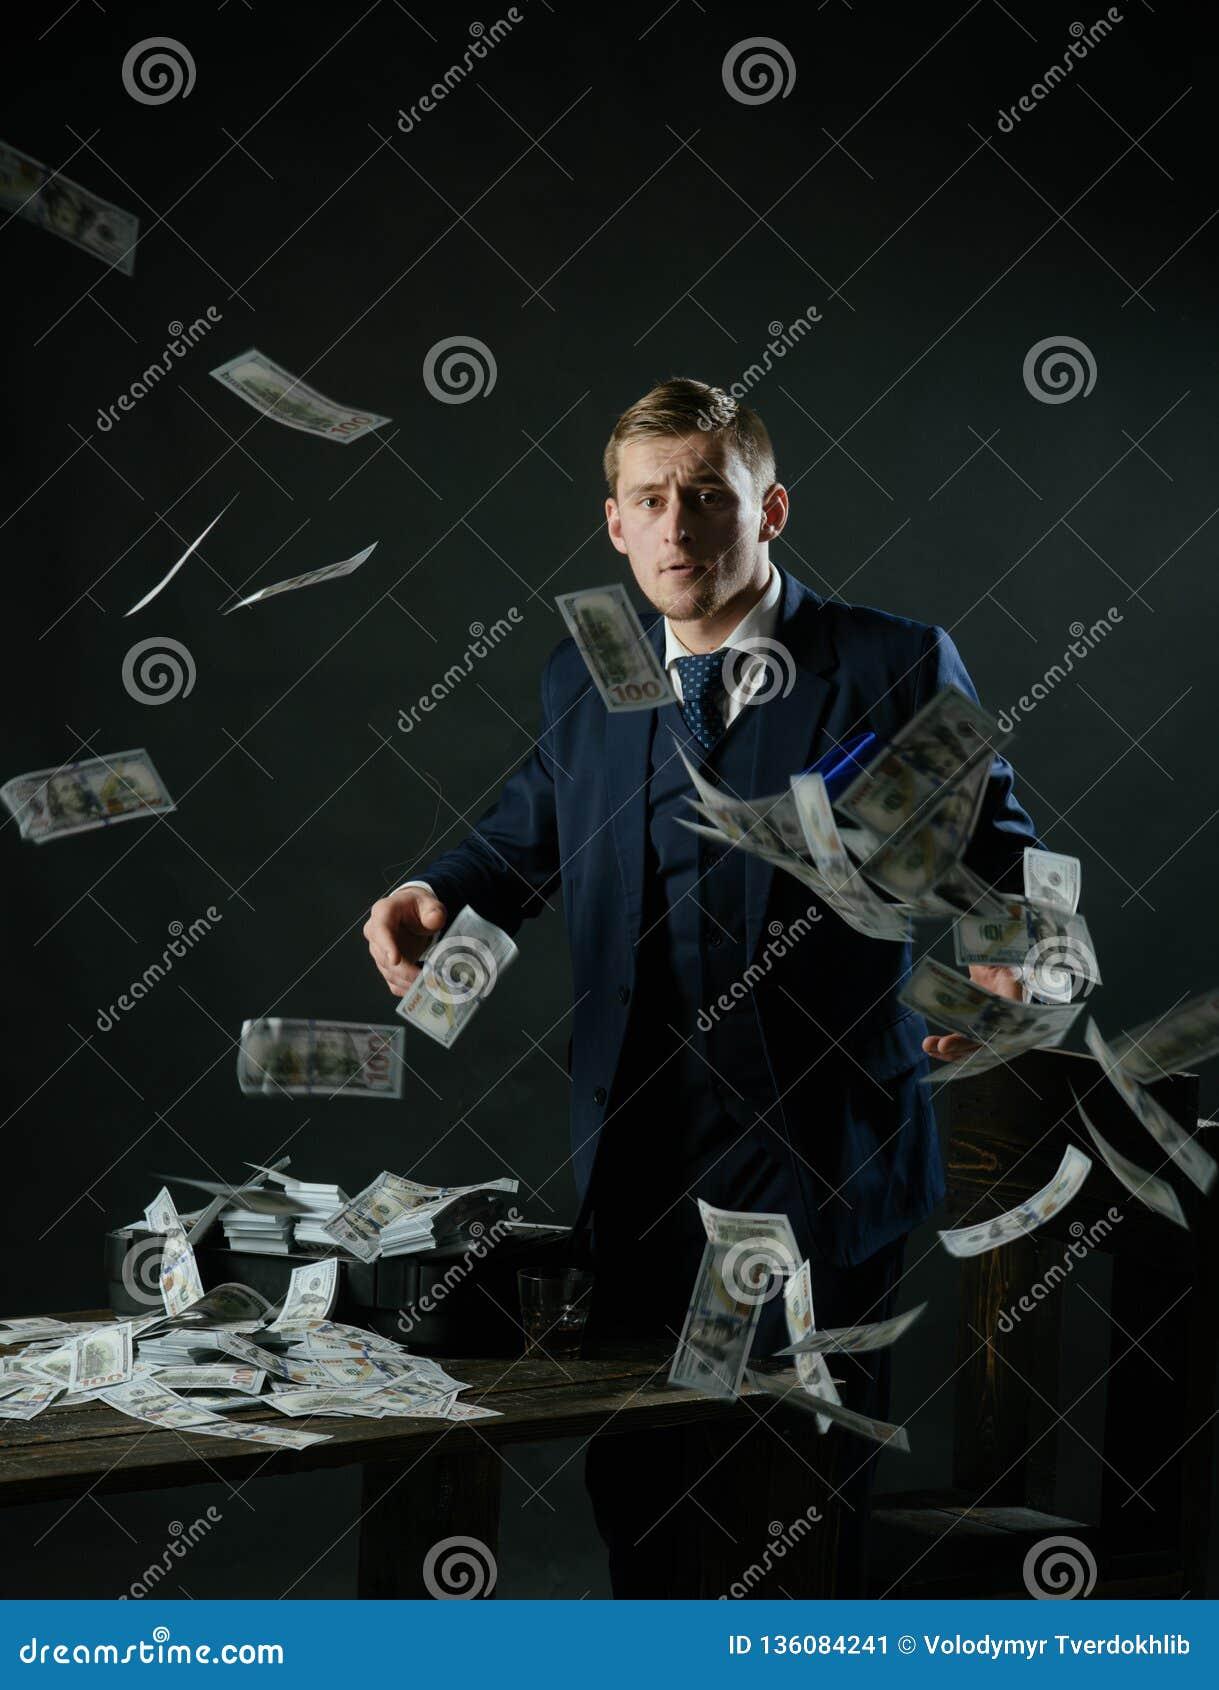 Conceito da empresa de pequeno porte Trabalho do homem de negócios no escritório do contador Economia e finança Guarda-livros do